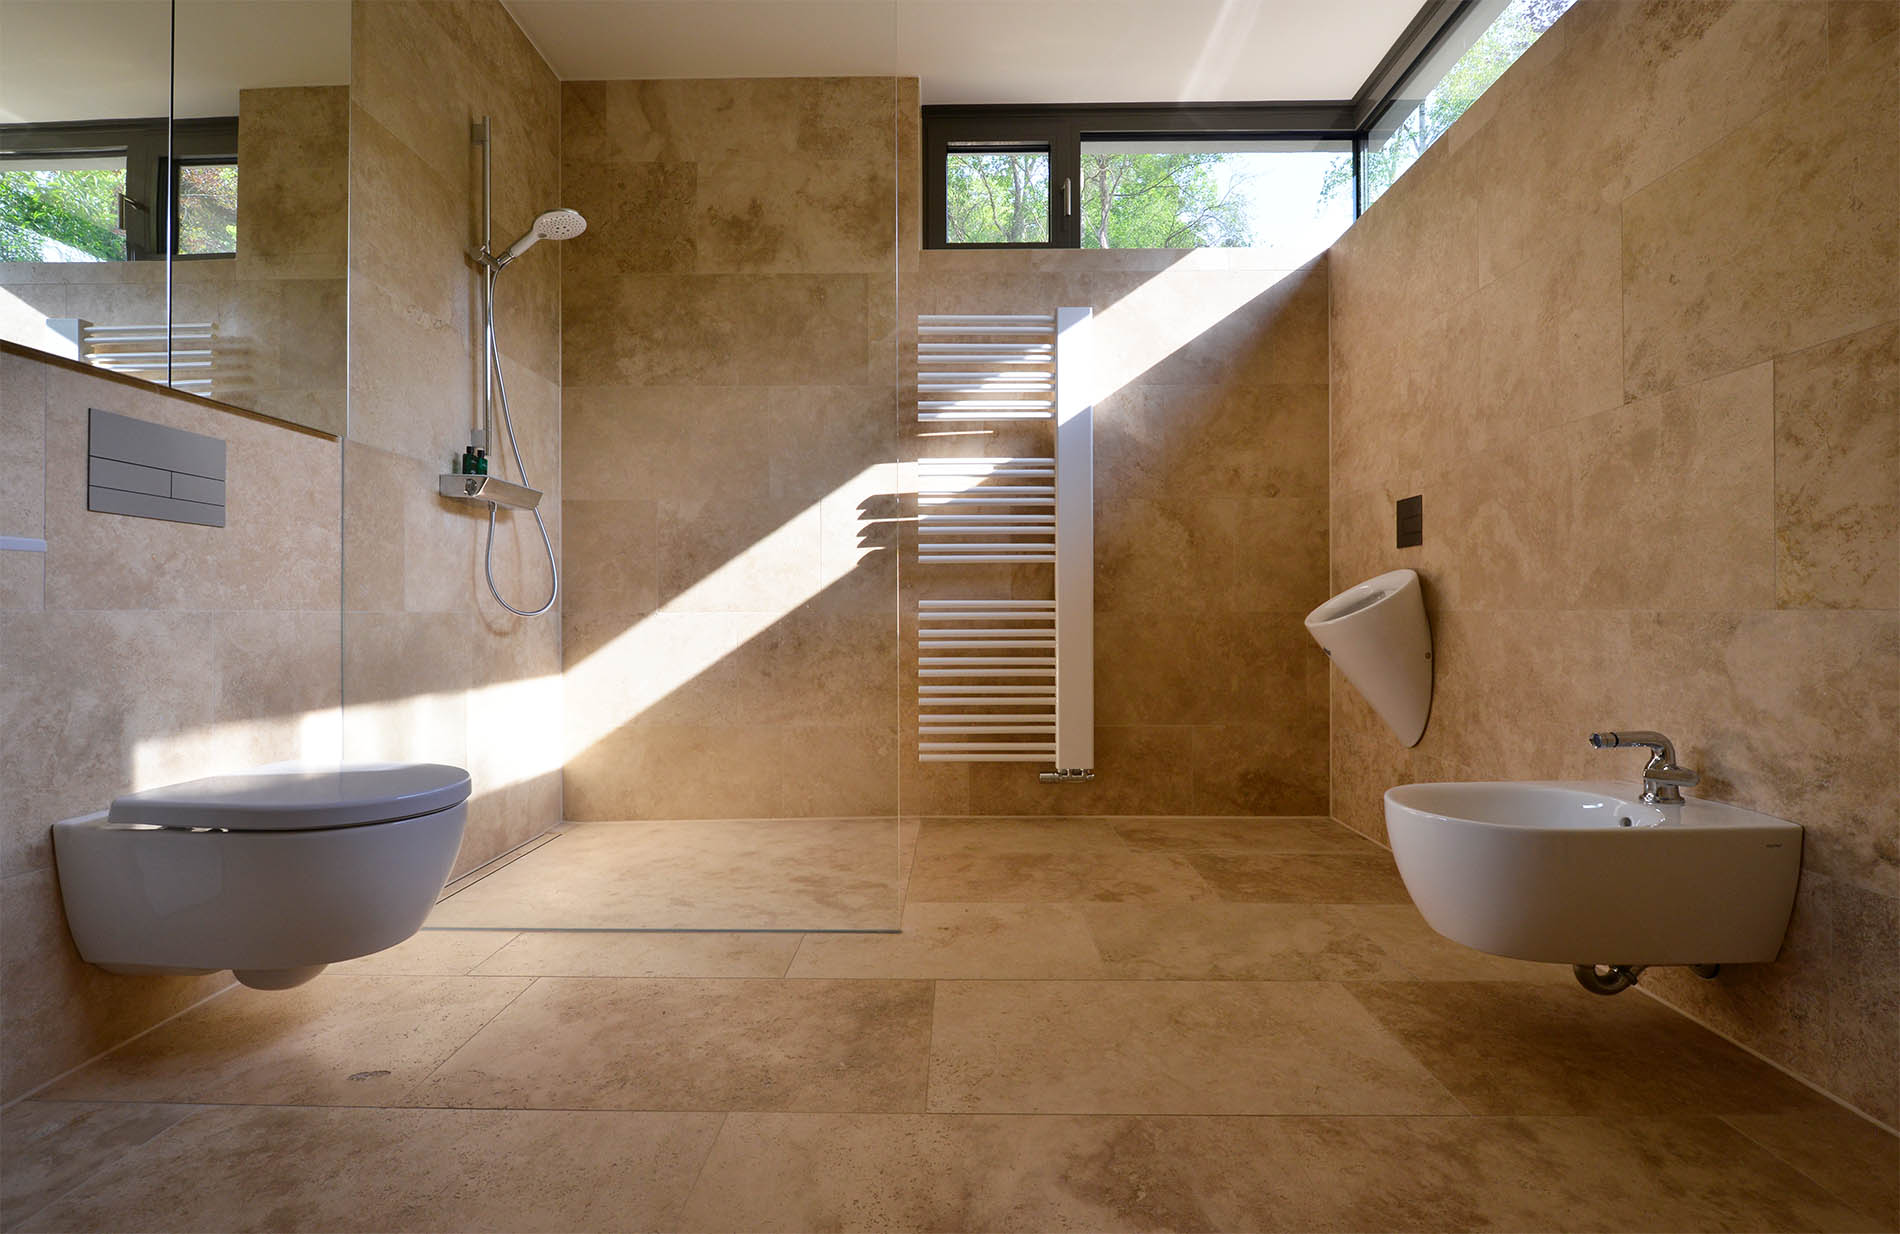 Naturstein Bodenplatten, Wand- und Duschverkleidung aus Travertin von TRACO